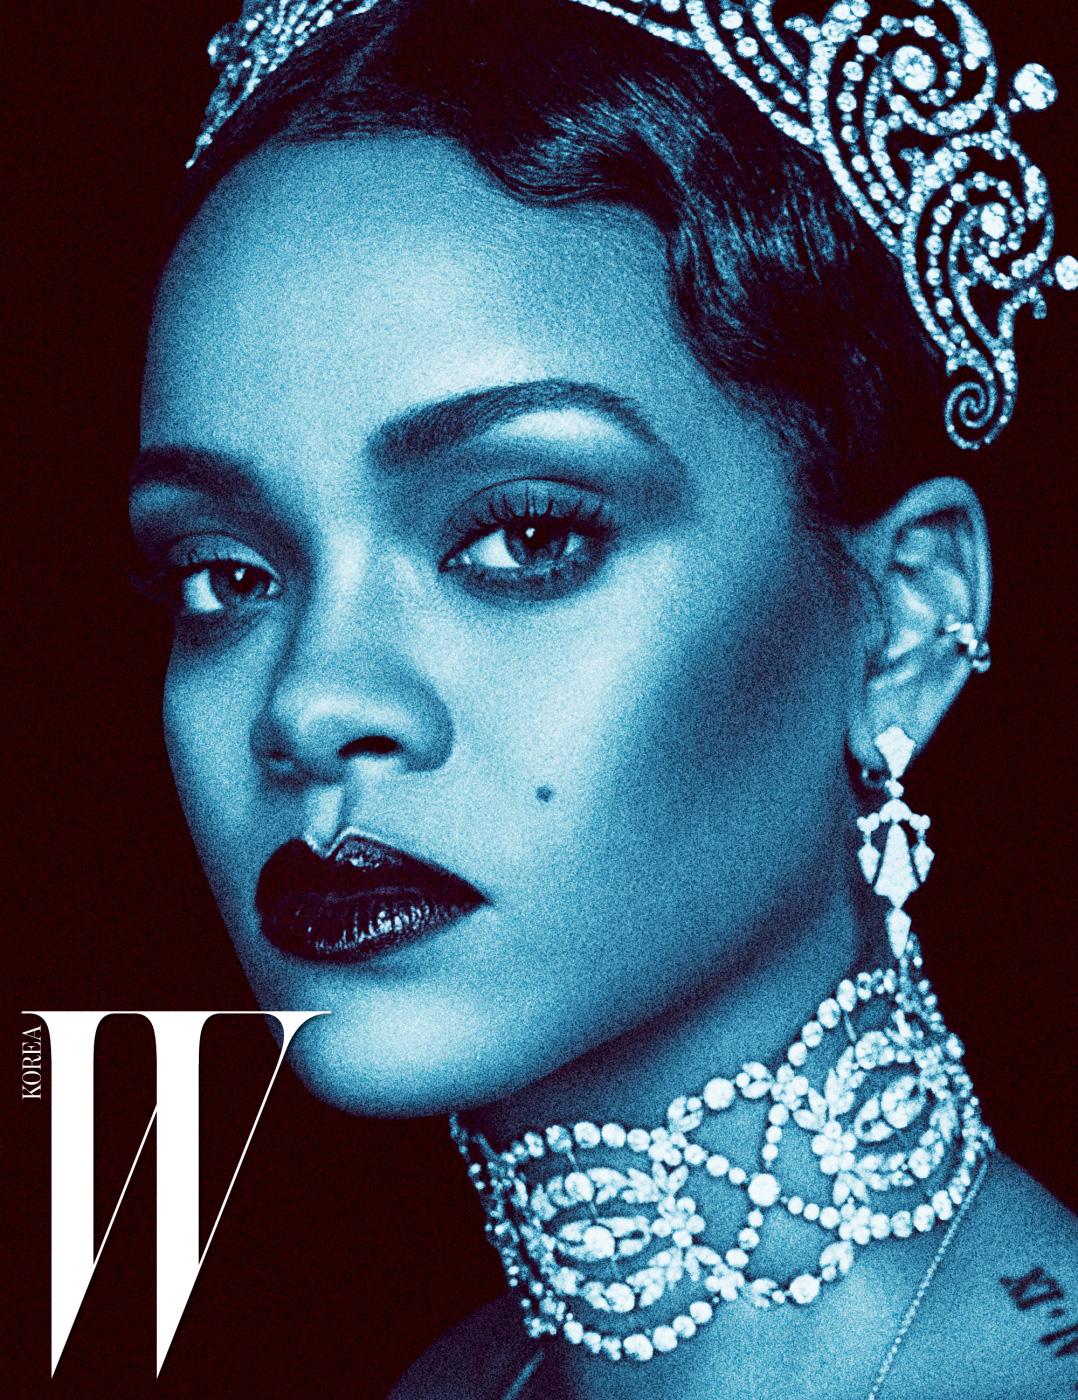 다이아몬드를 세팅한 티아라와 드롭형 귀고리, 초커 형태의 목걸이는 Cartier,  커프형 귀고리는 리한나의 소장품.